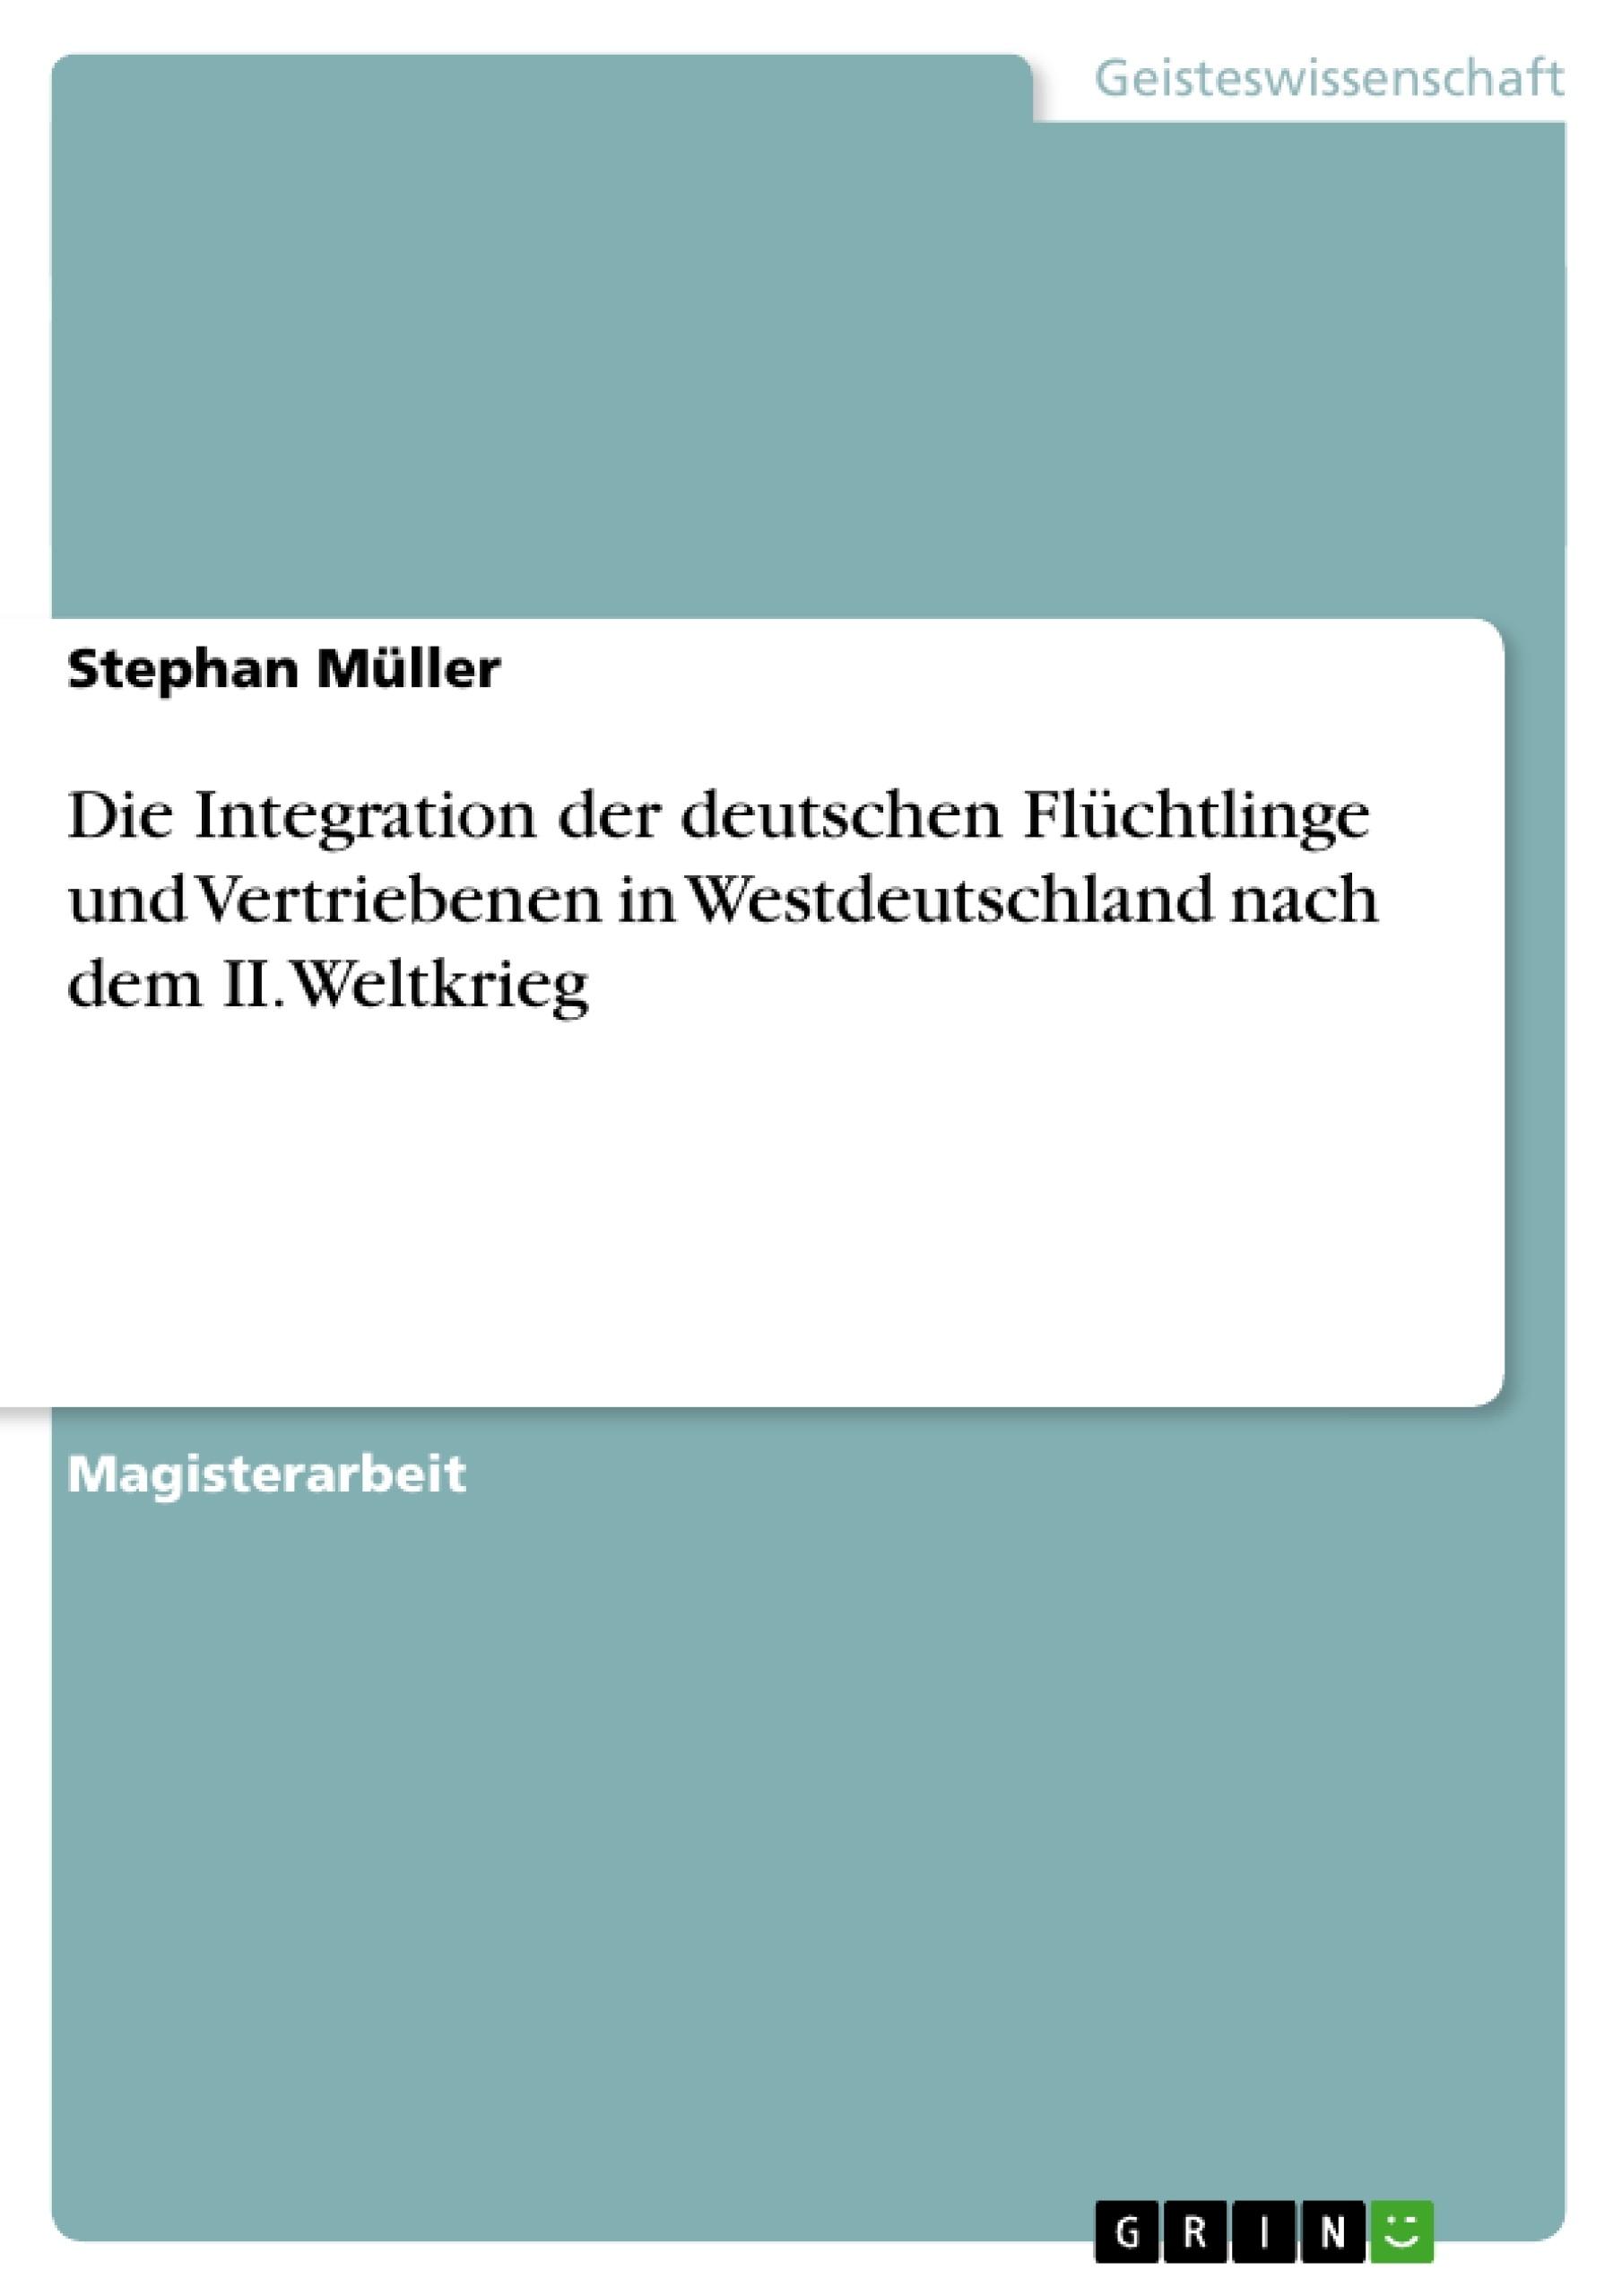 Titel: Die Integration der deutschen Flüchtlinge und Vertriebenen in Westdeutschland nach dem II.Weltkrieg